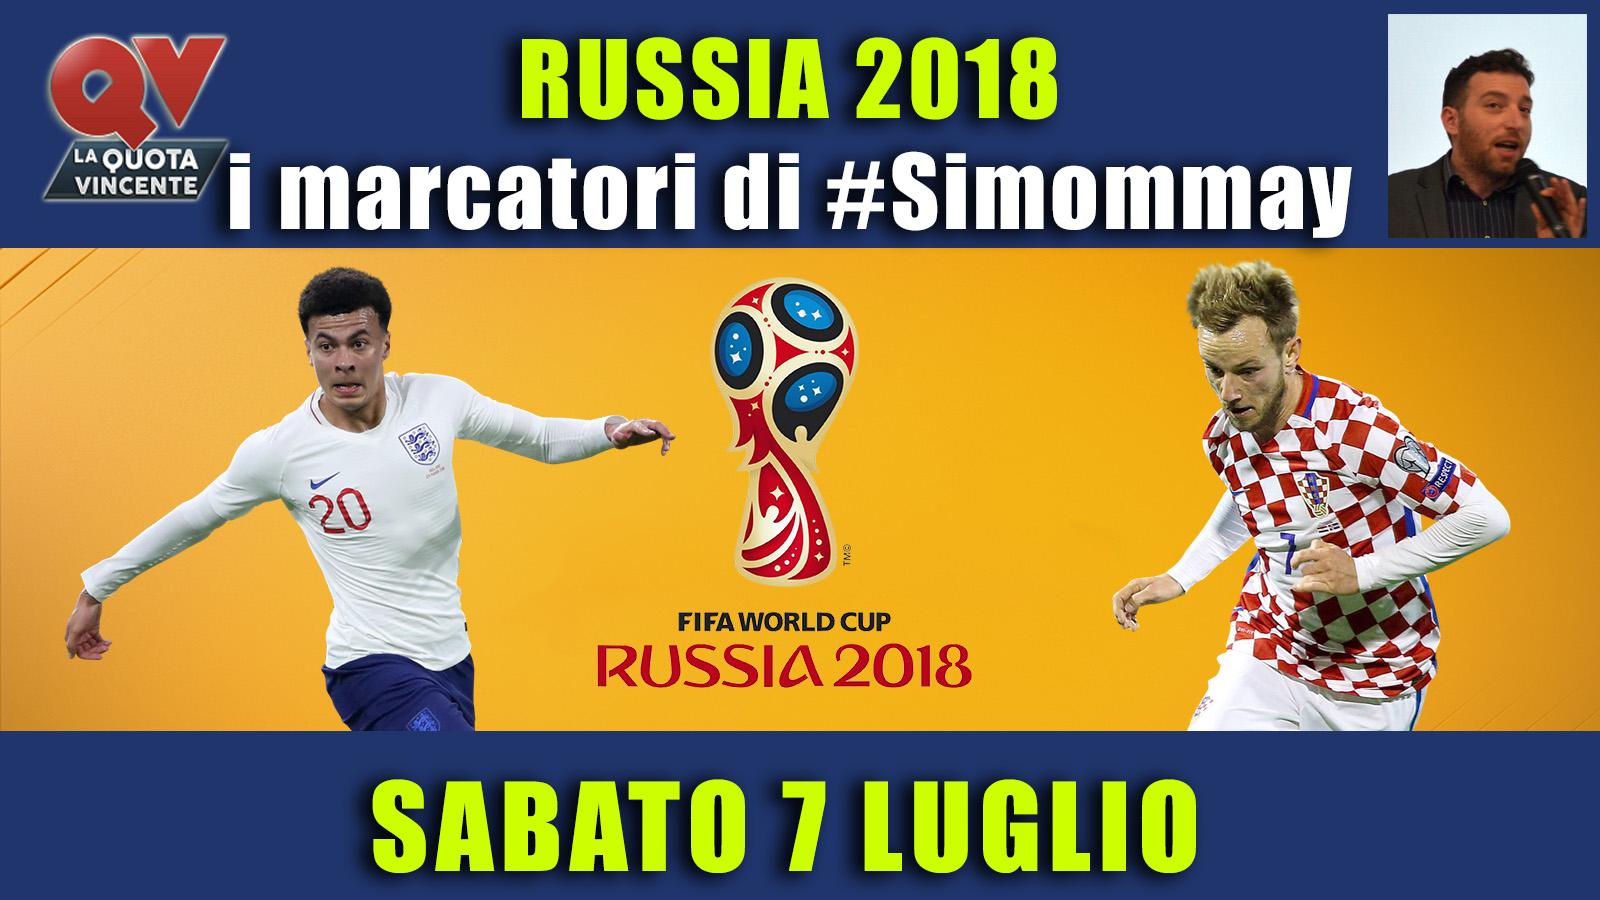 Pronostici marcatori Mondiali 7 luglio: i marcatori di #simommay